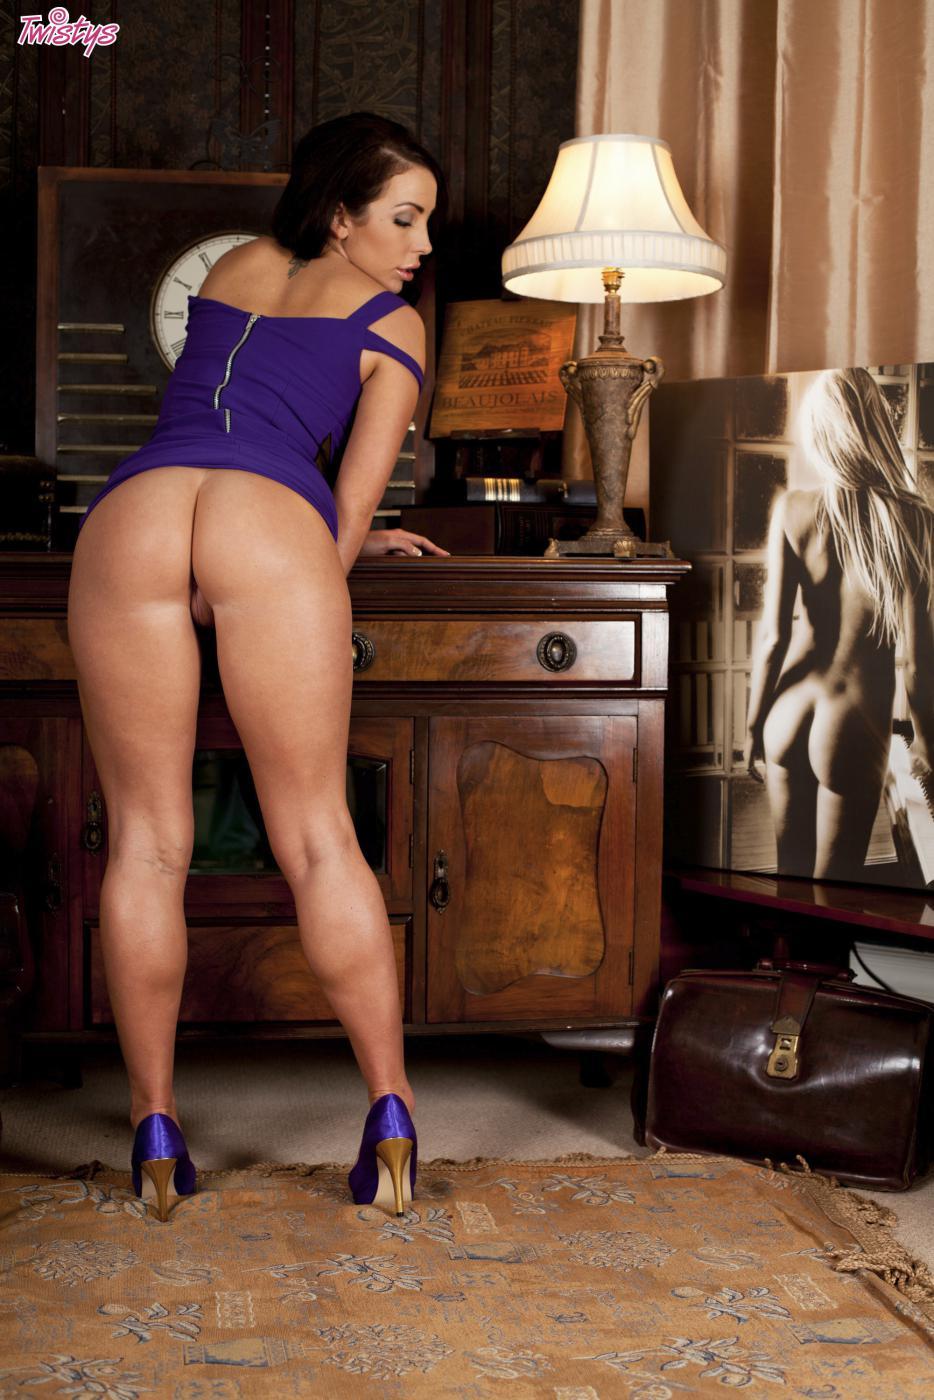 Титькастая Nina Leigh шалит с текущей щелкой под короткой юбочкой